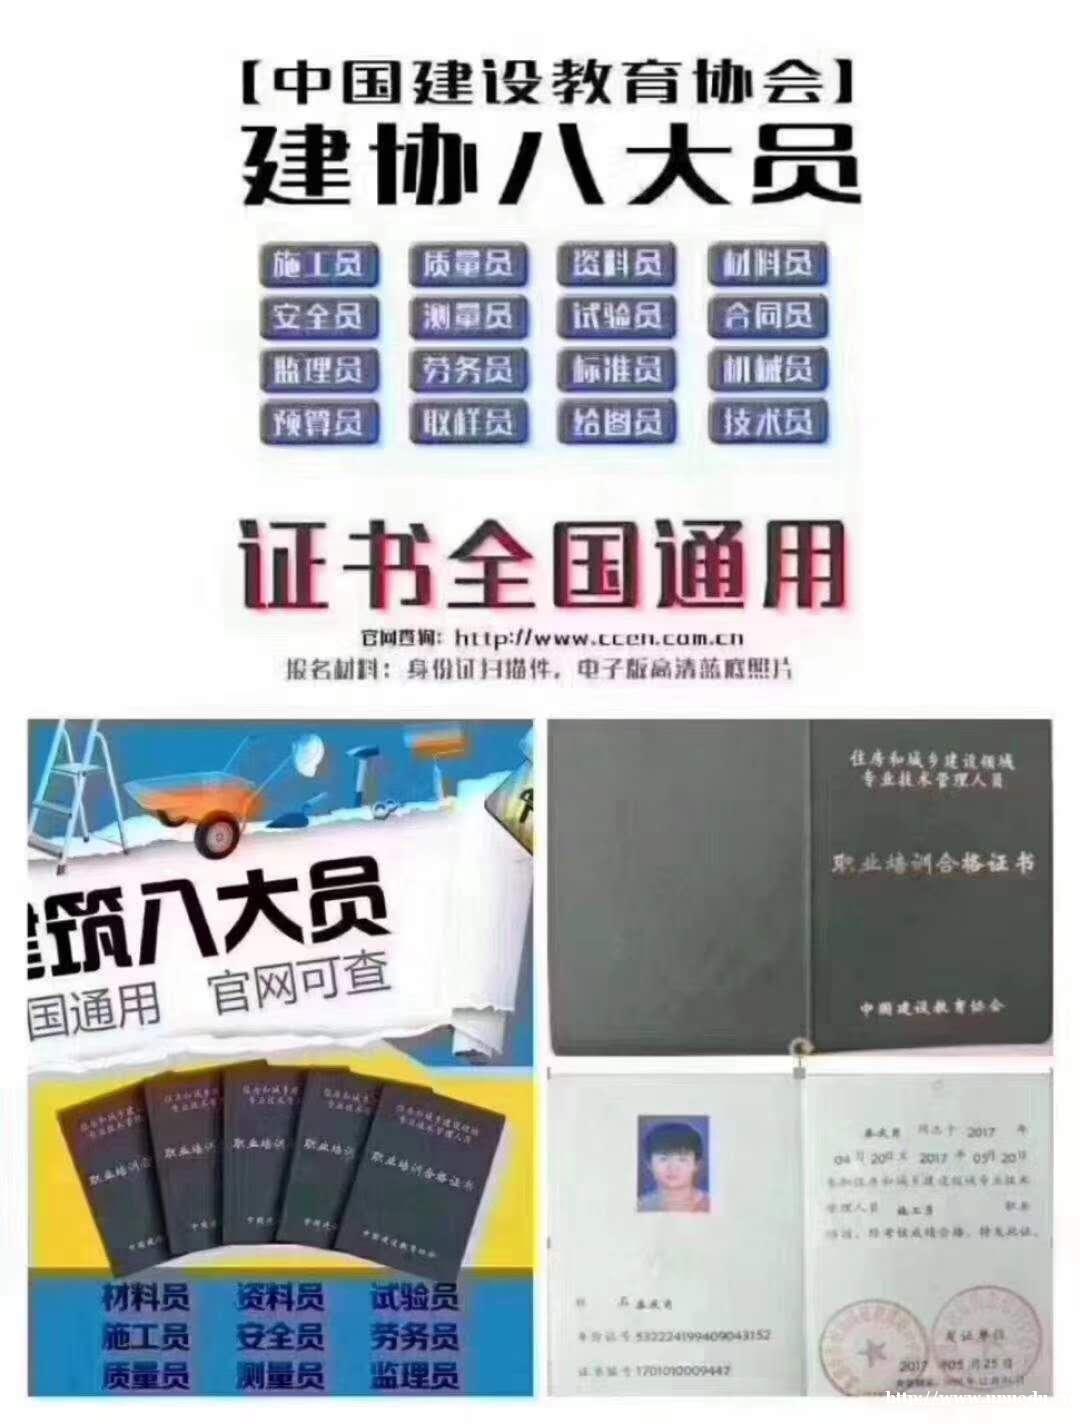 中国建设教育协会八大员